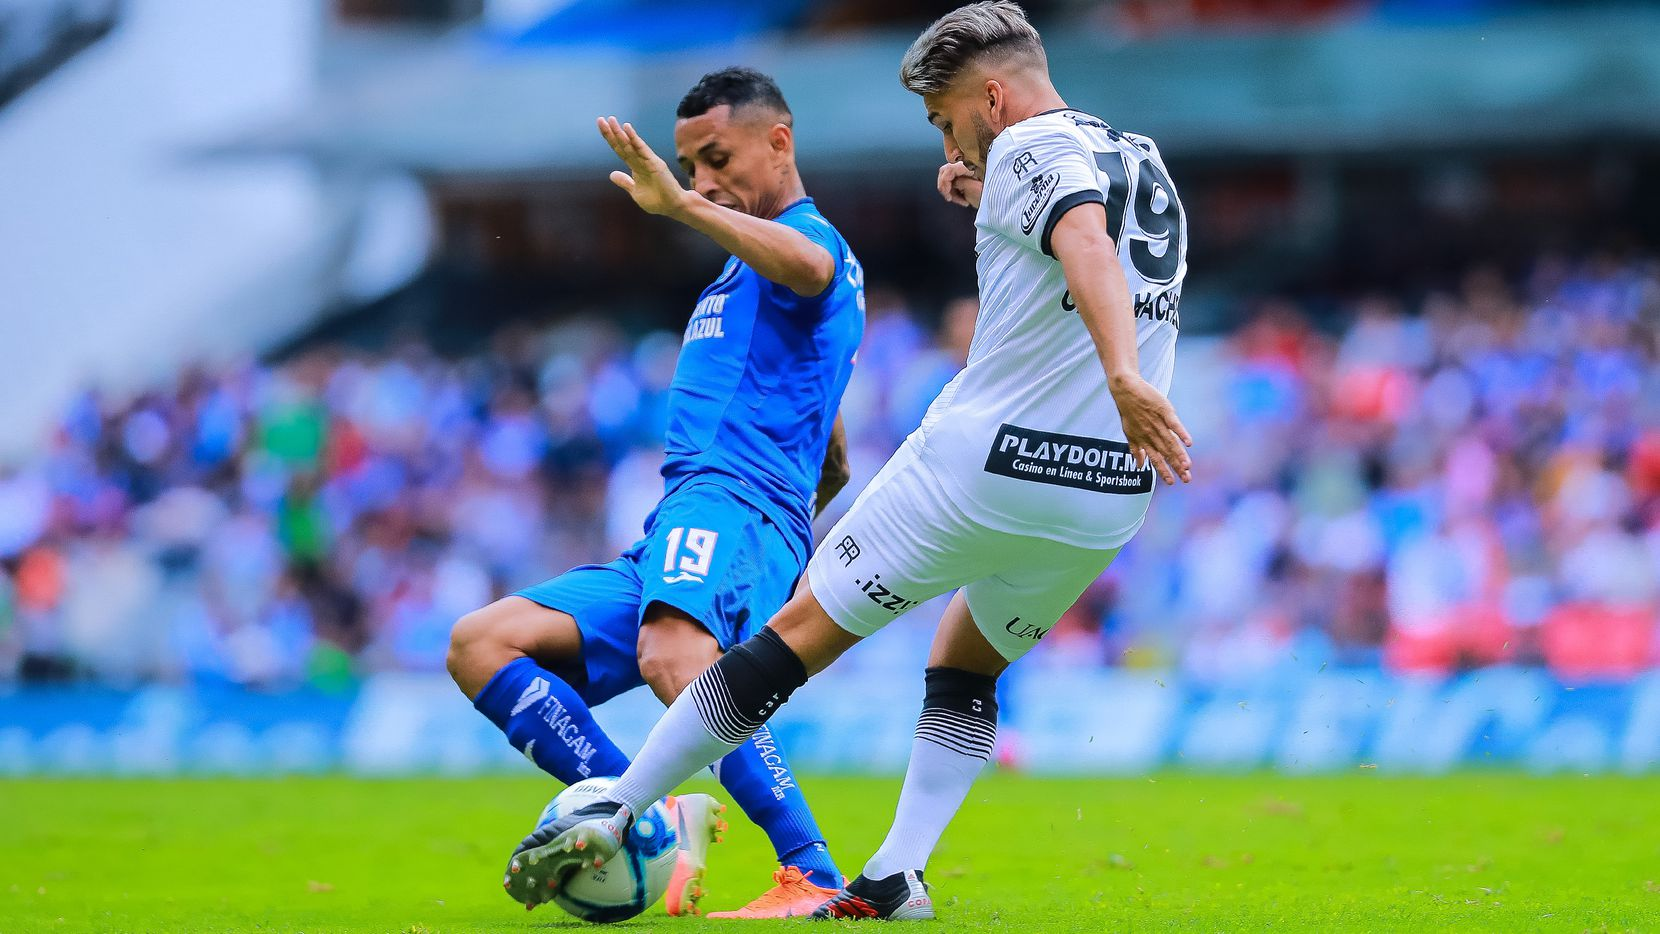 El jugador de Ciudad Juárez, Gabriel Hachen (der.) pelea el balón con el mediocampista del Cruz Azul, Víctor Yotun, durante un partido del Torneo Apertura 2019 en el Estadio Azteca.